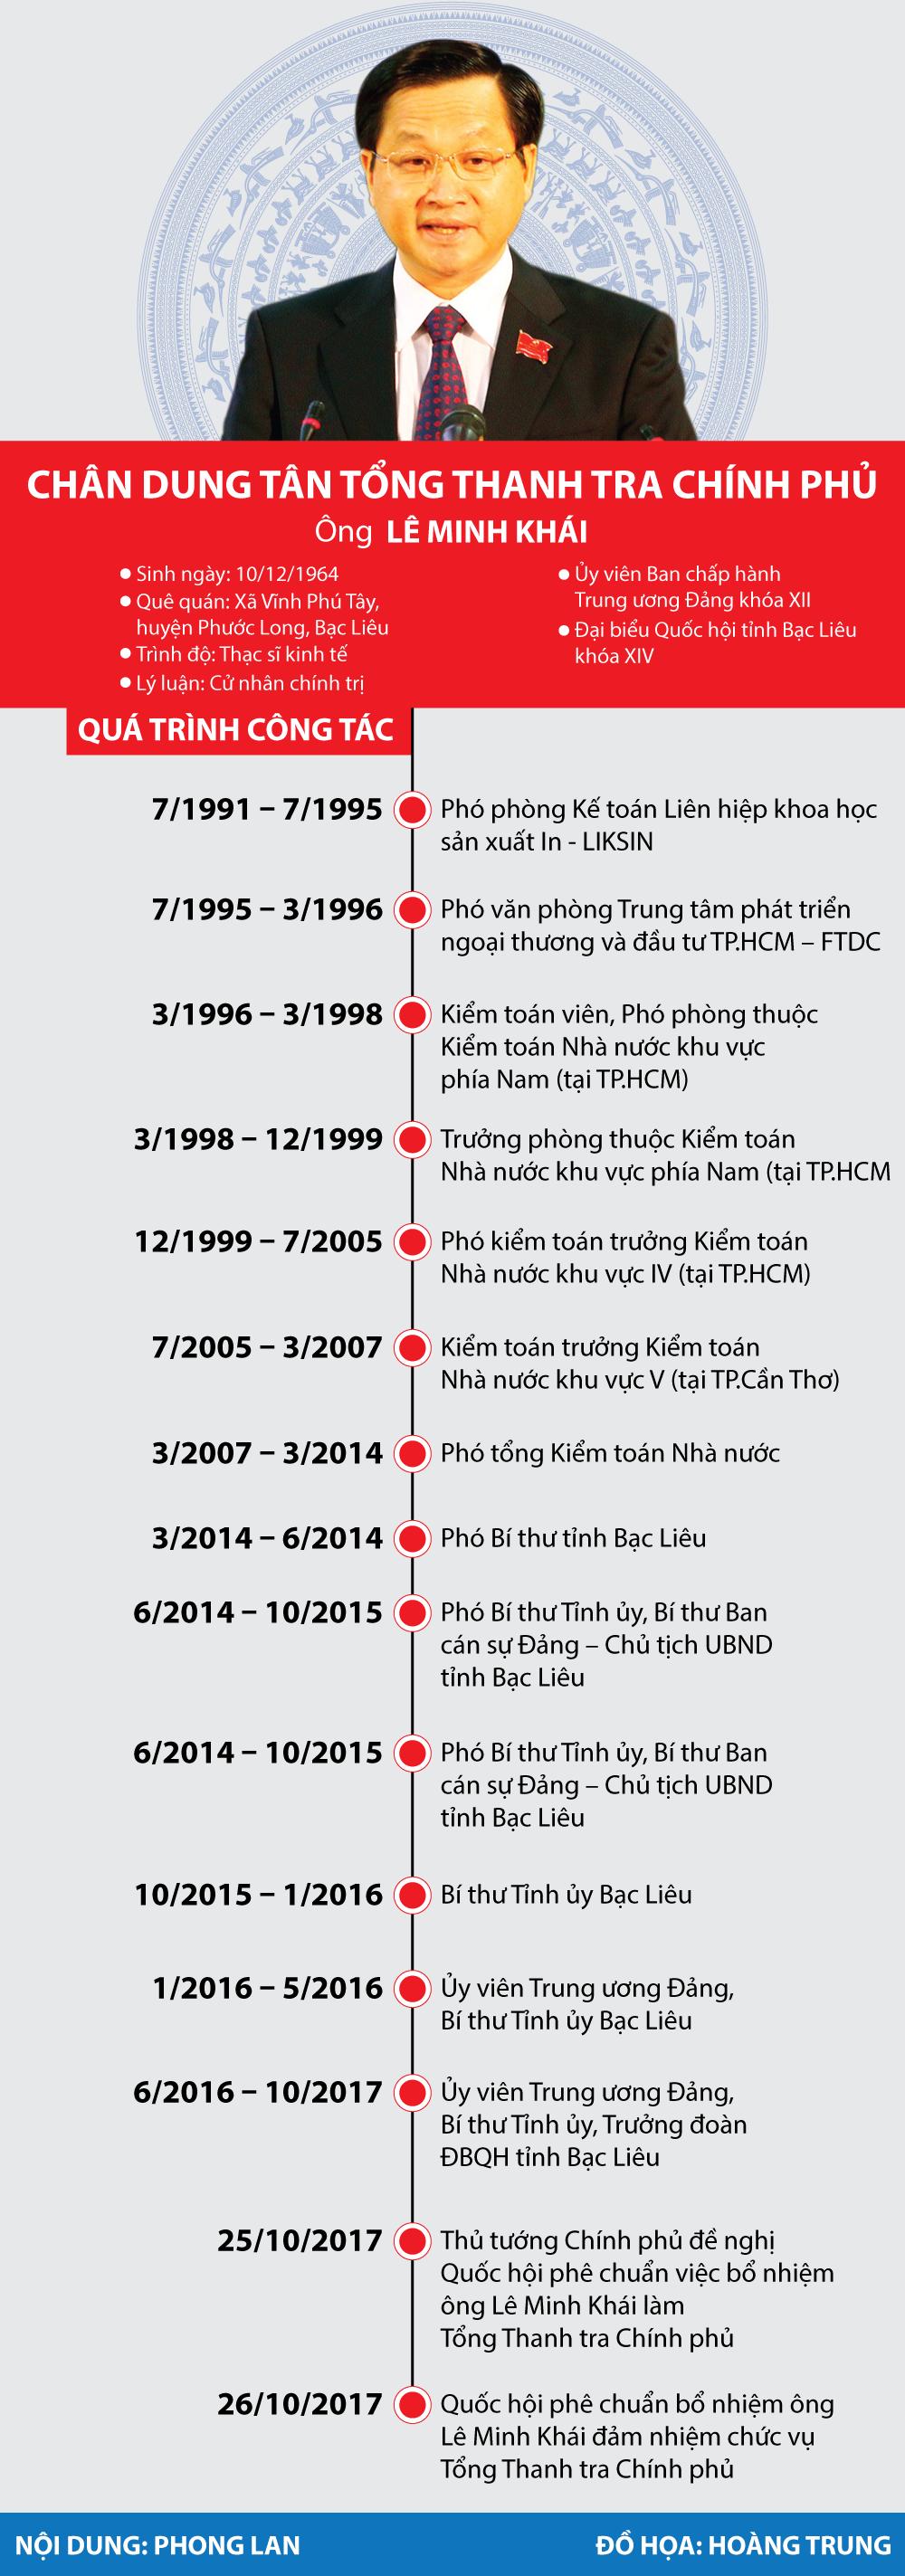 Hồ sơ điều tra - Infographic: Đôi nét về tân Tổng Thanh tra Chính phủ